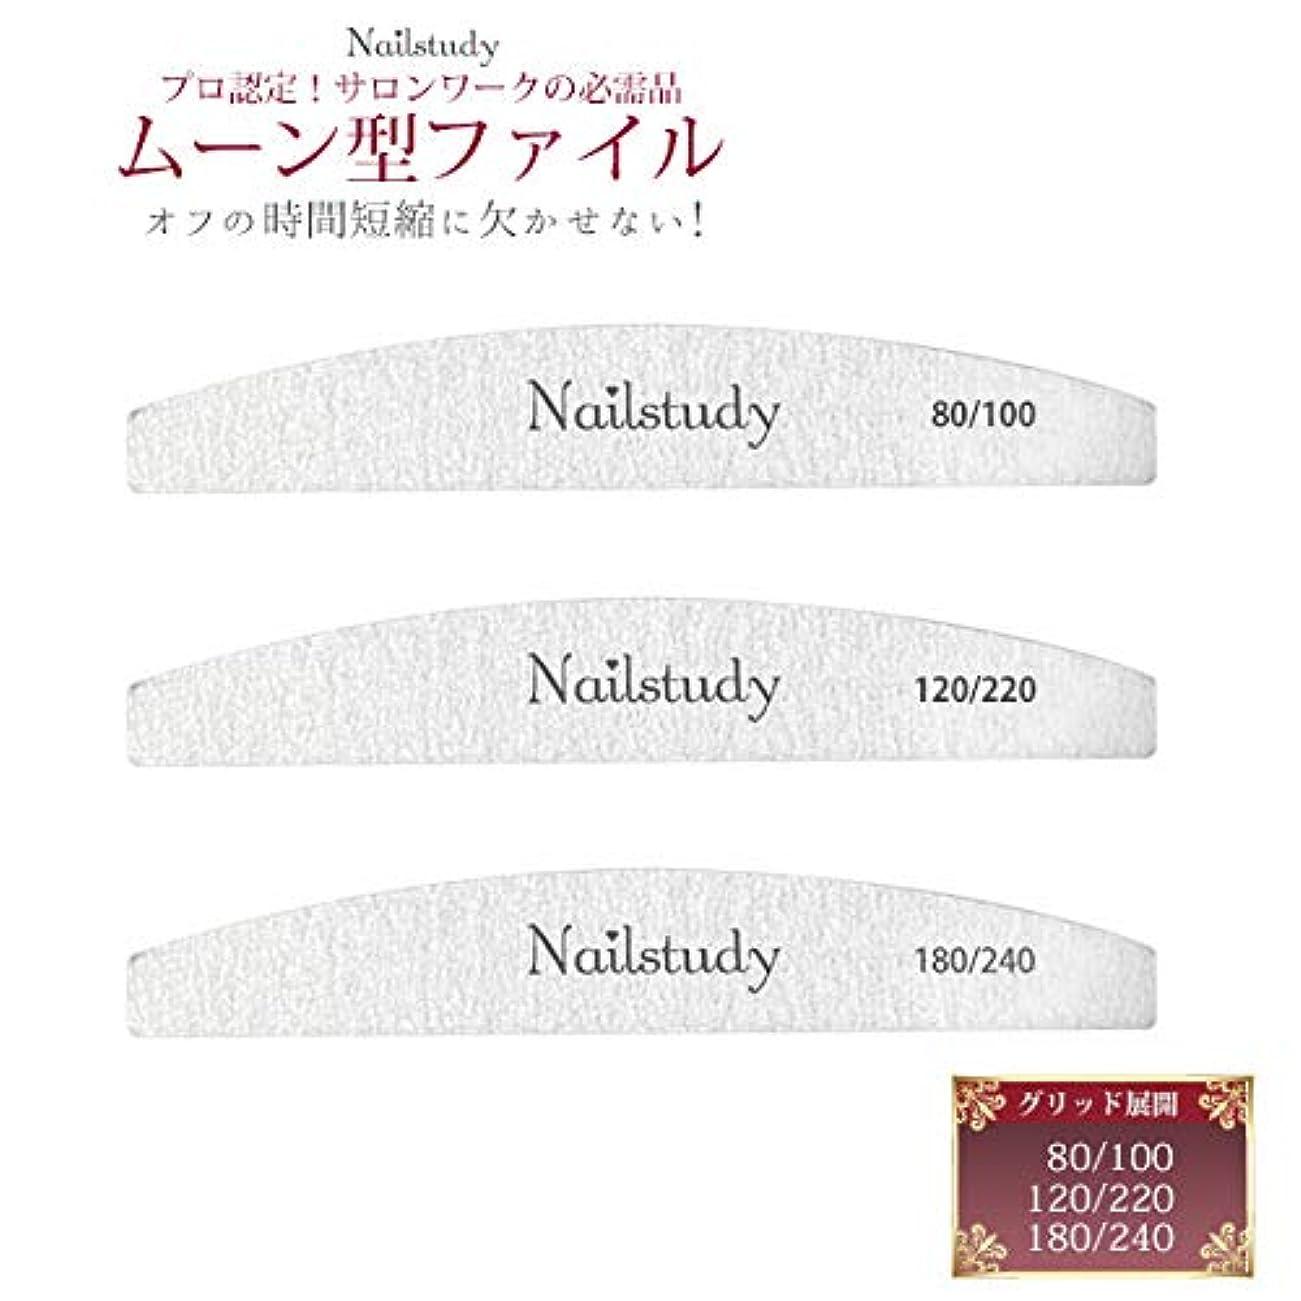 ブラシ失礼謝るネイルファイル ムーン型 (180/240)